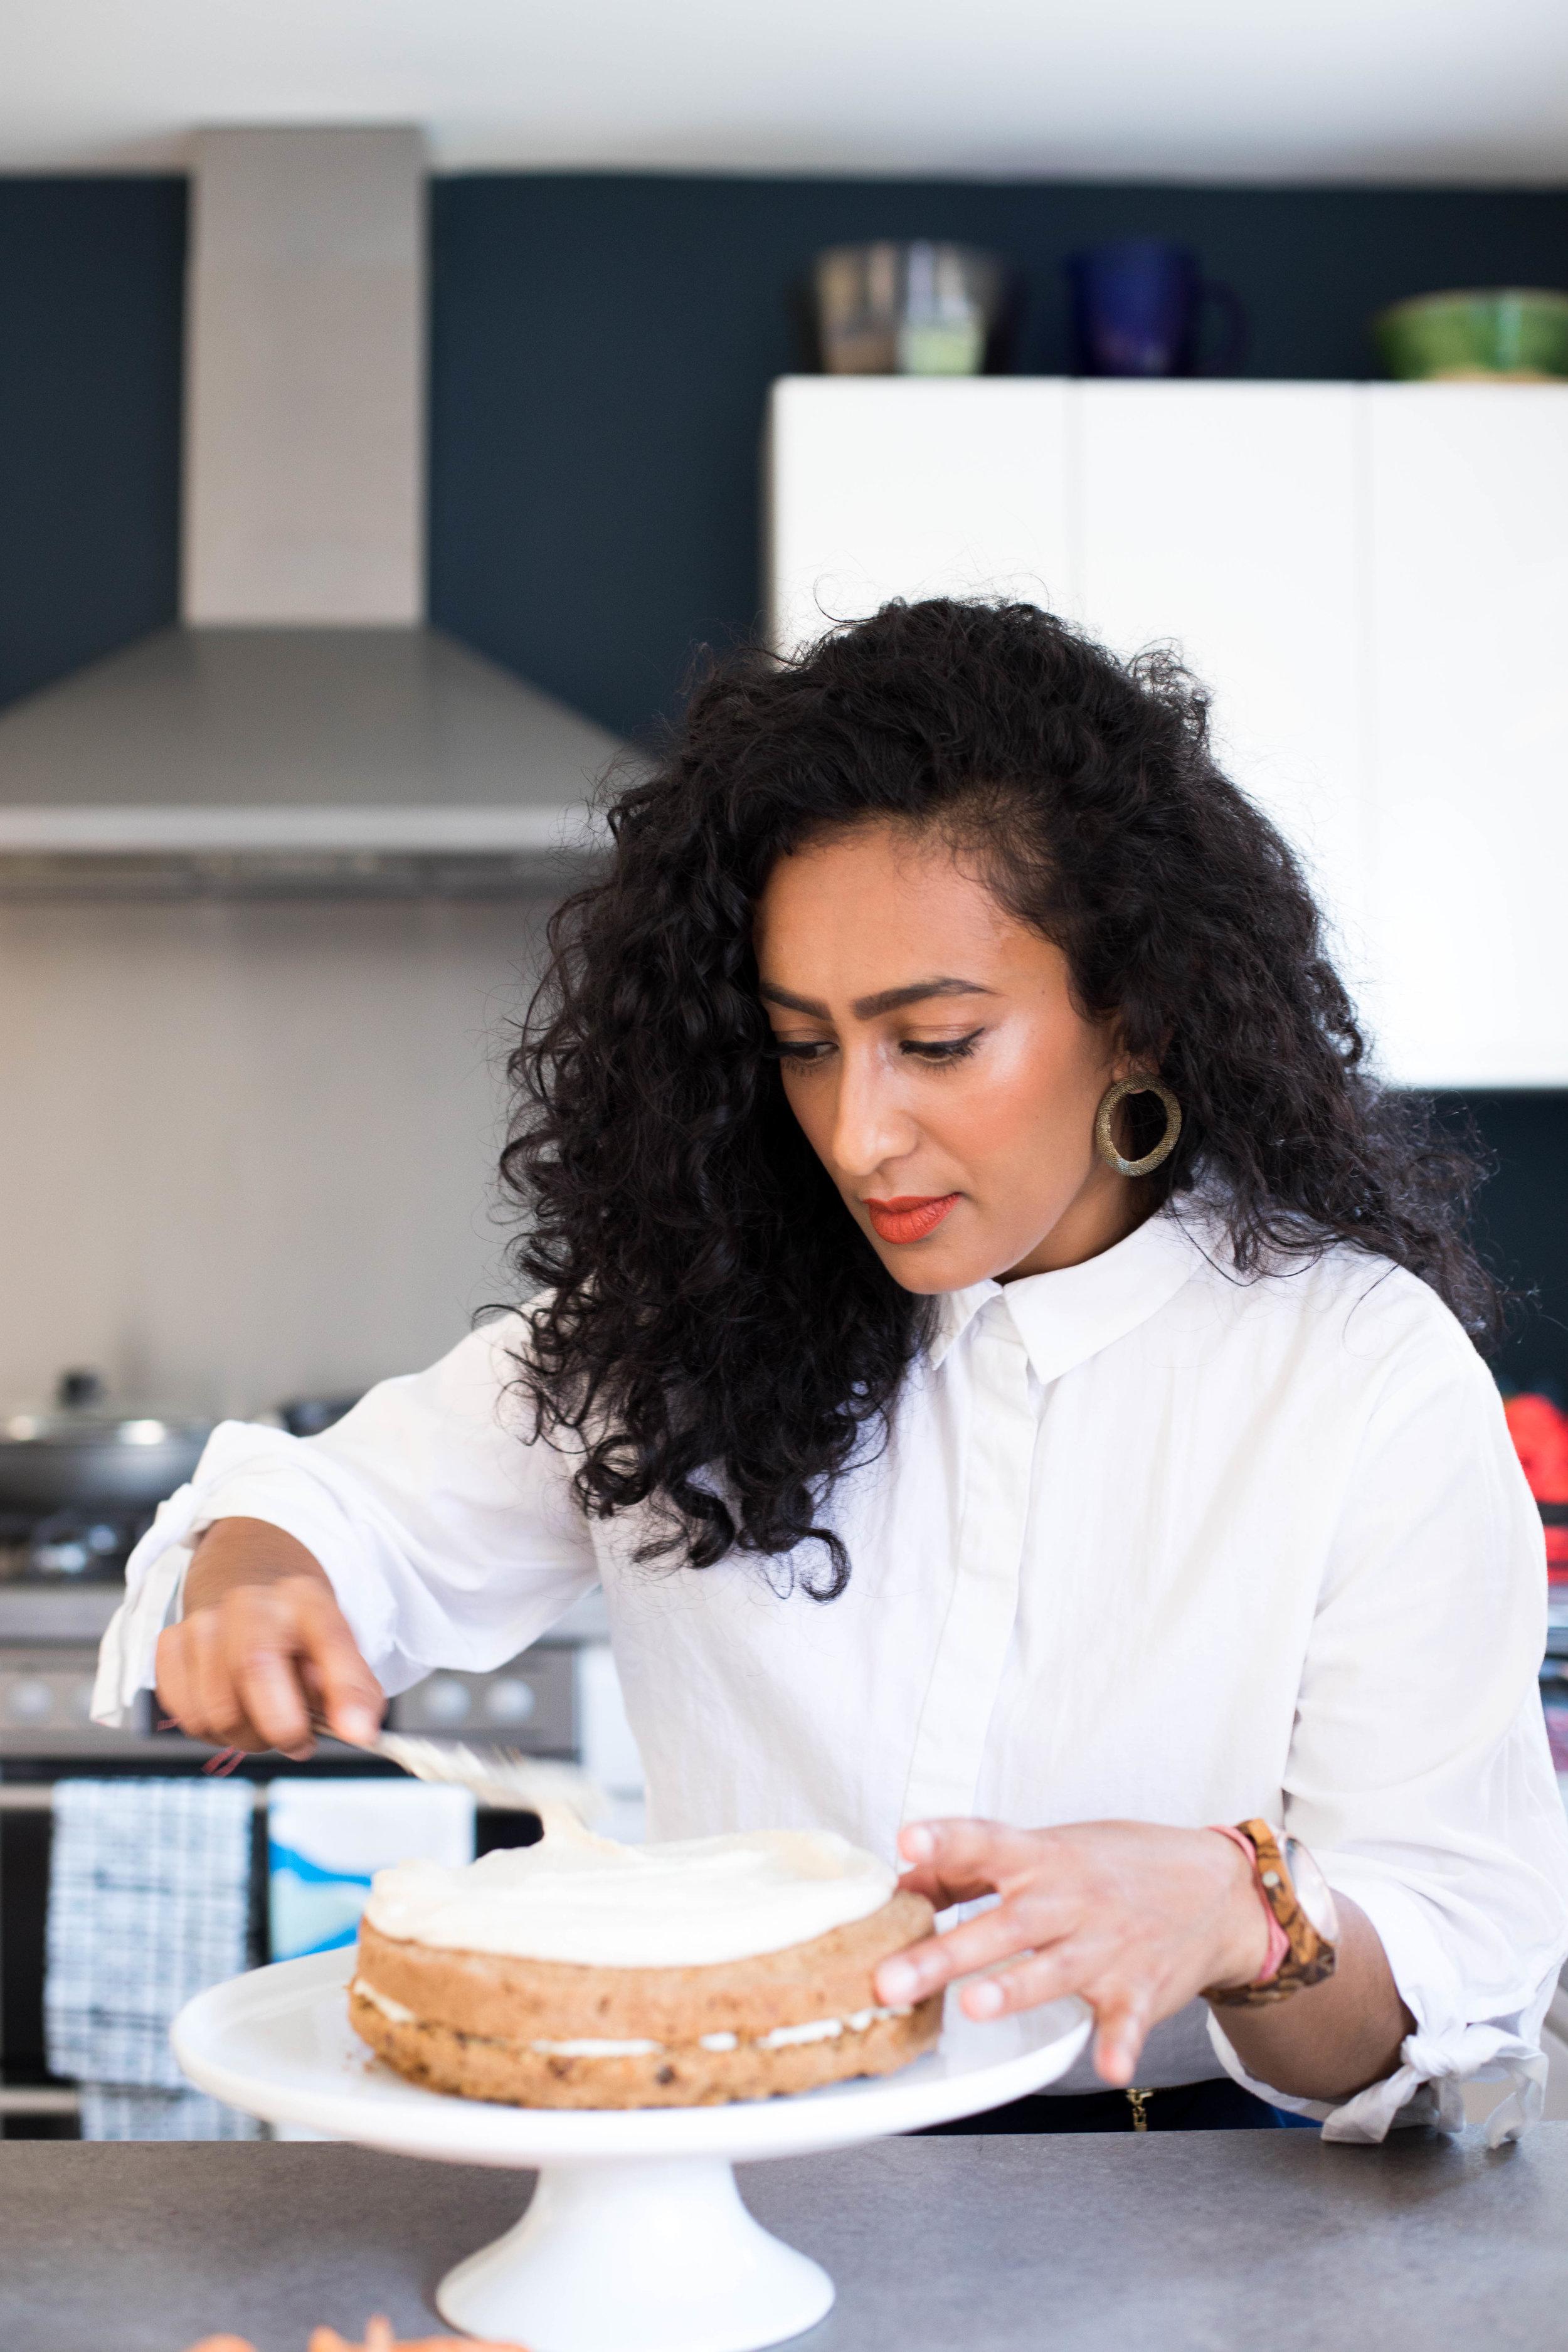 concentrating kitchen shot.jpg